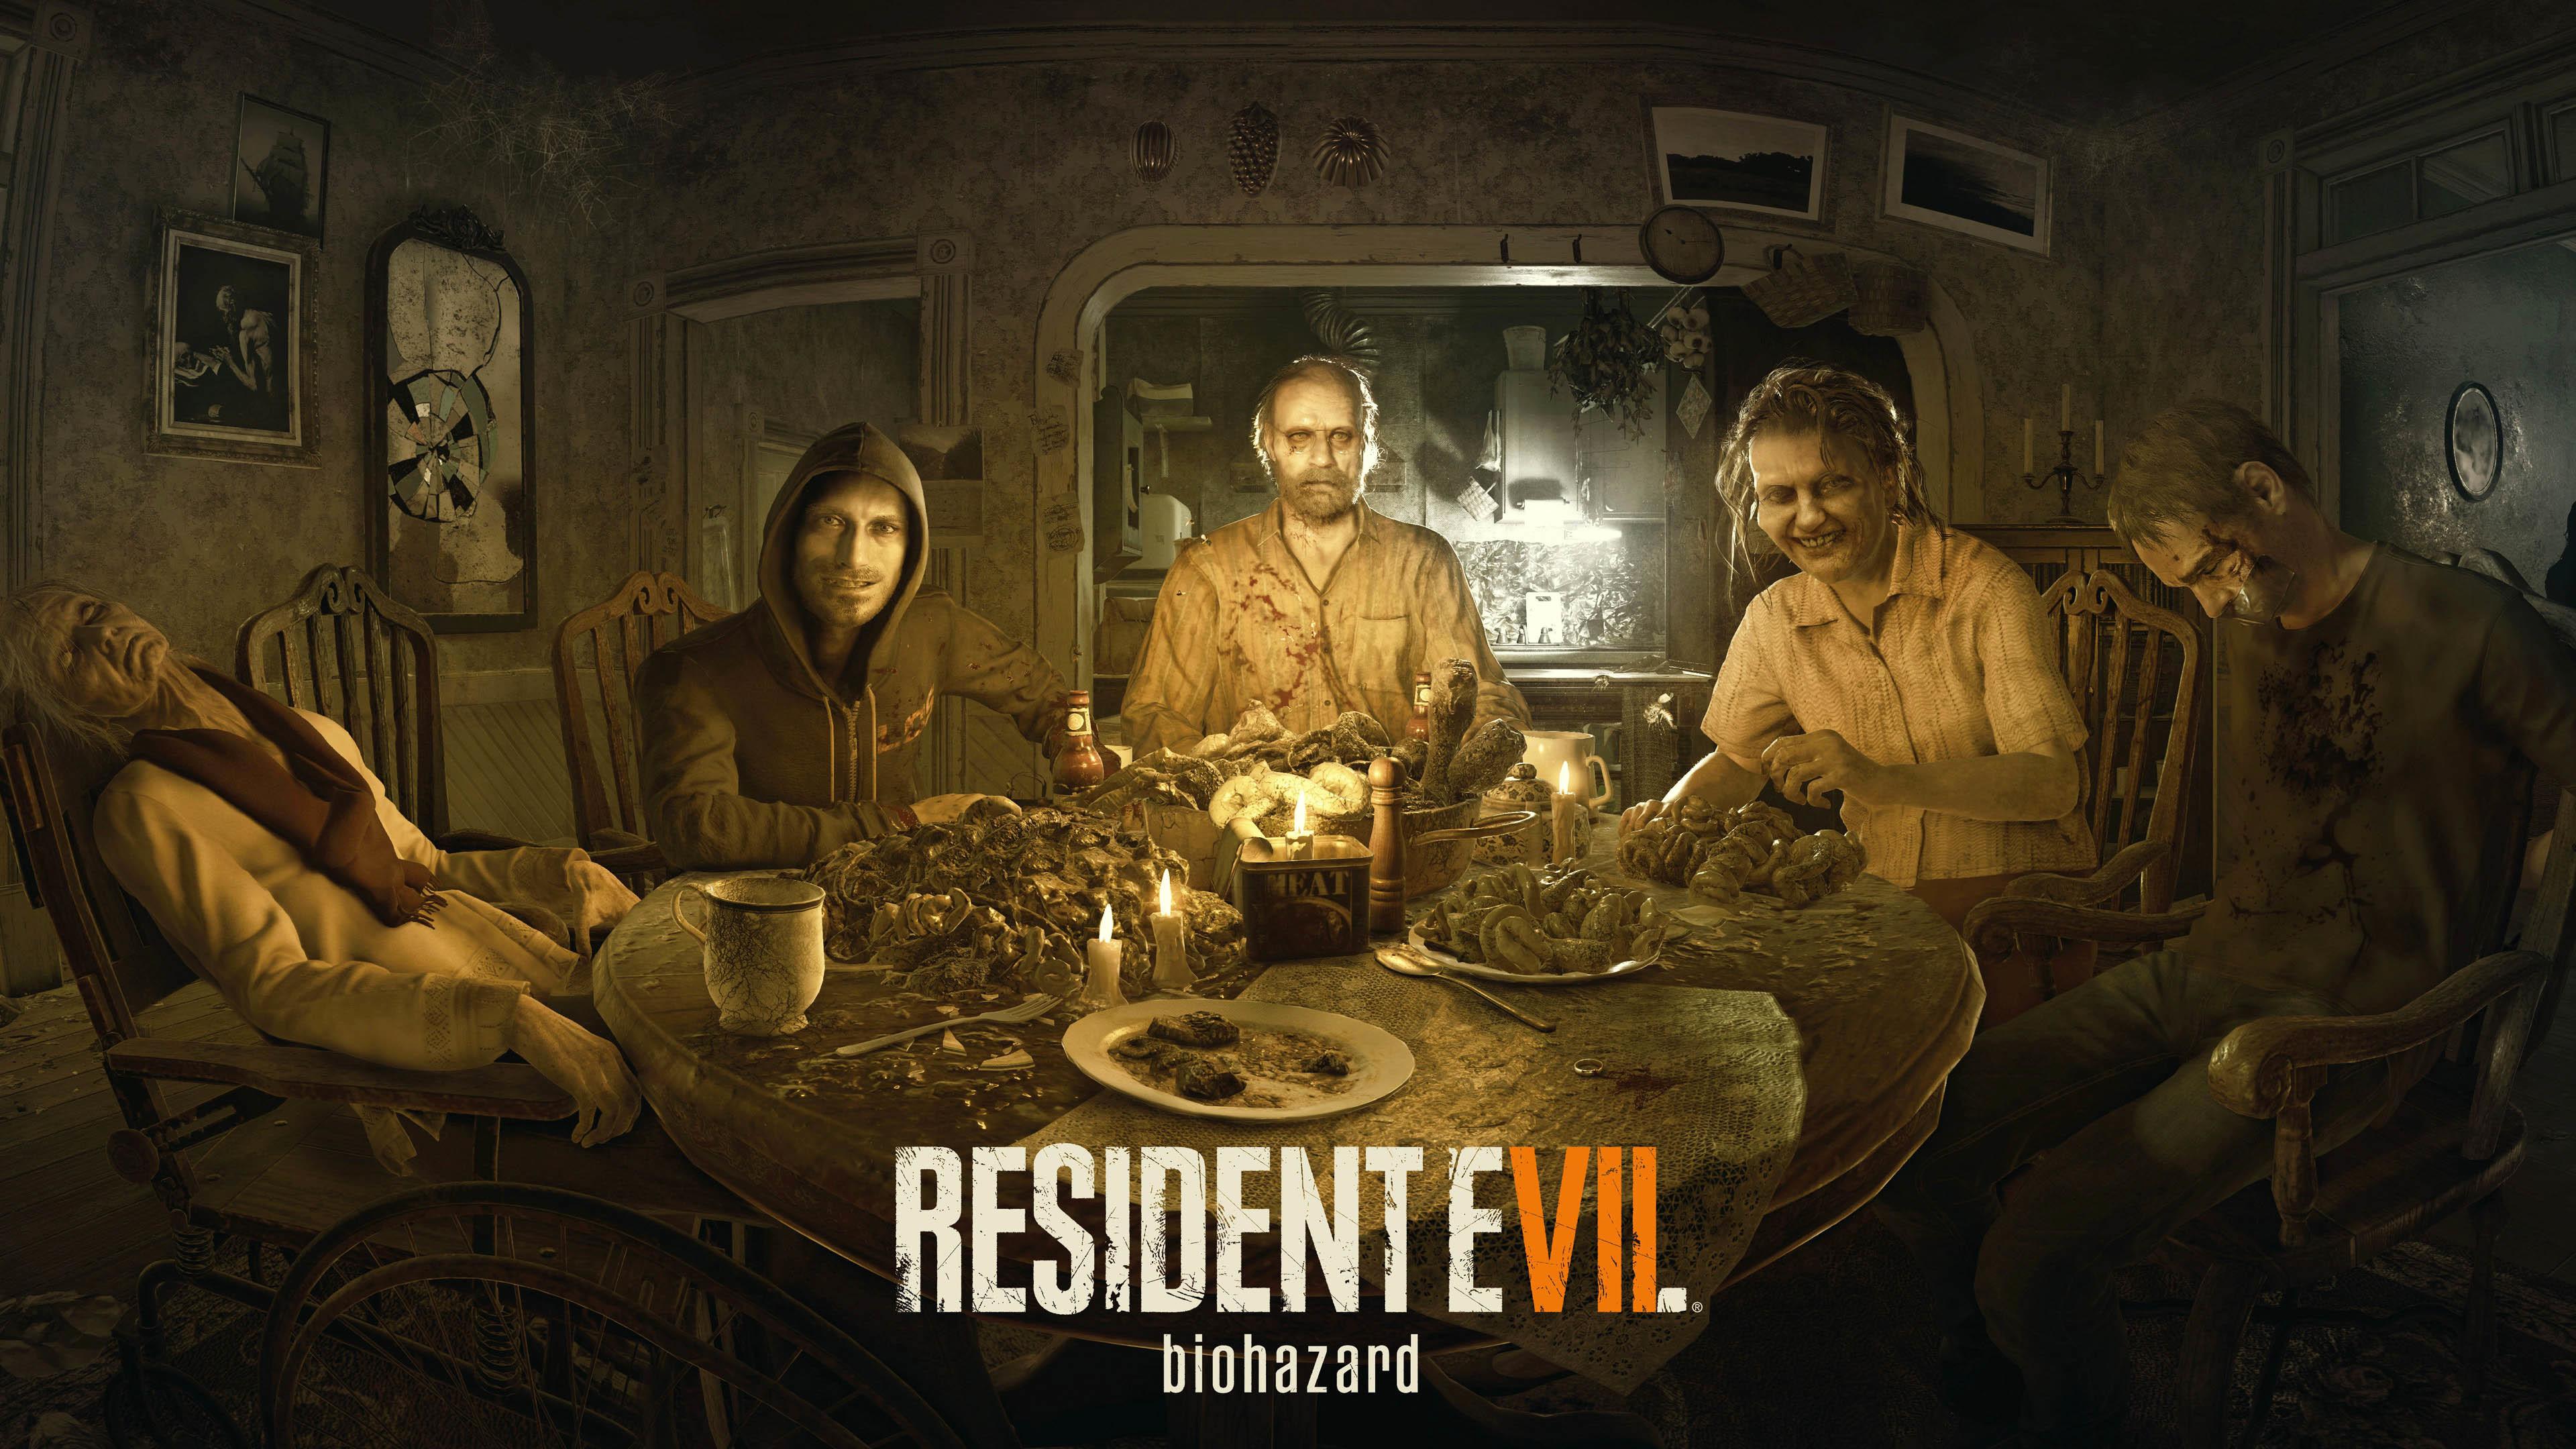 Resident Evil 7: Biohazard 4K wallpaper